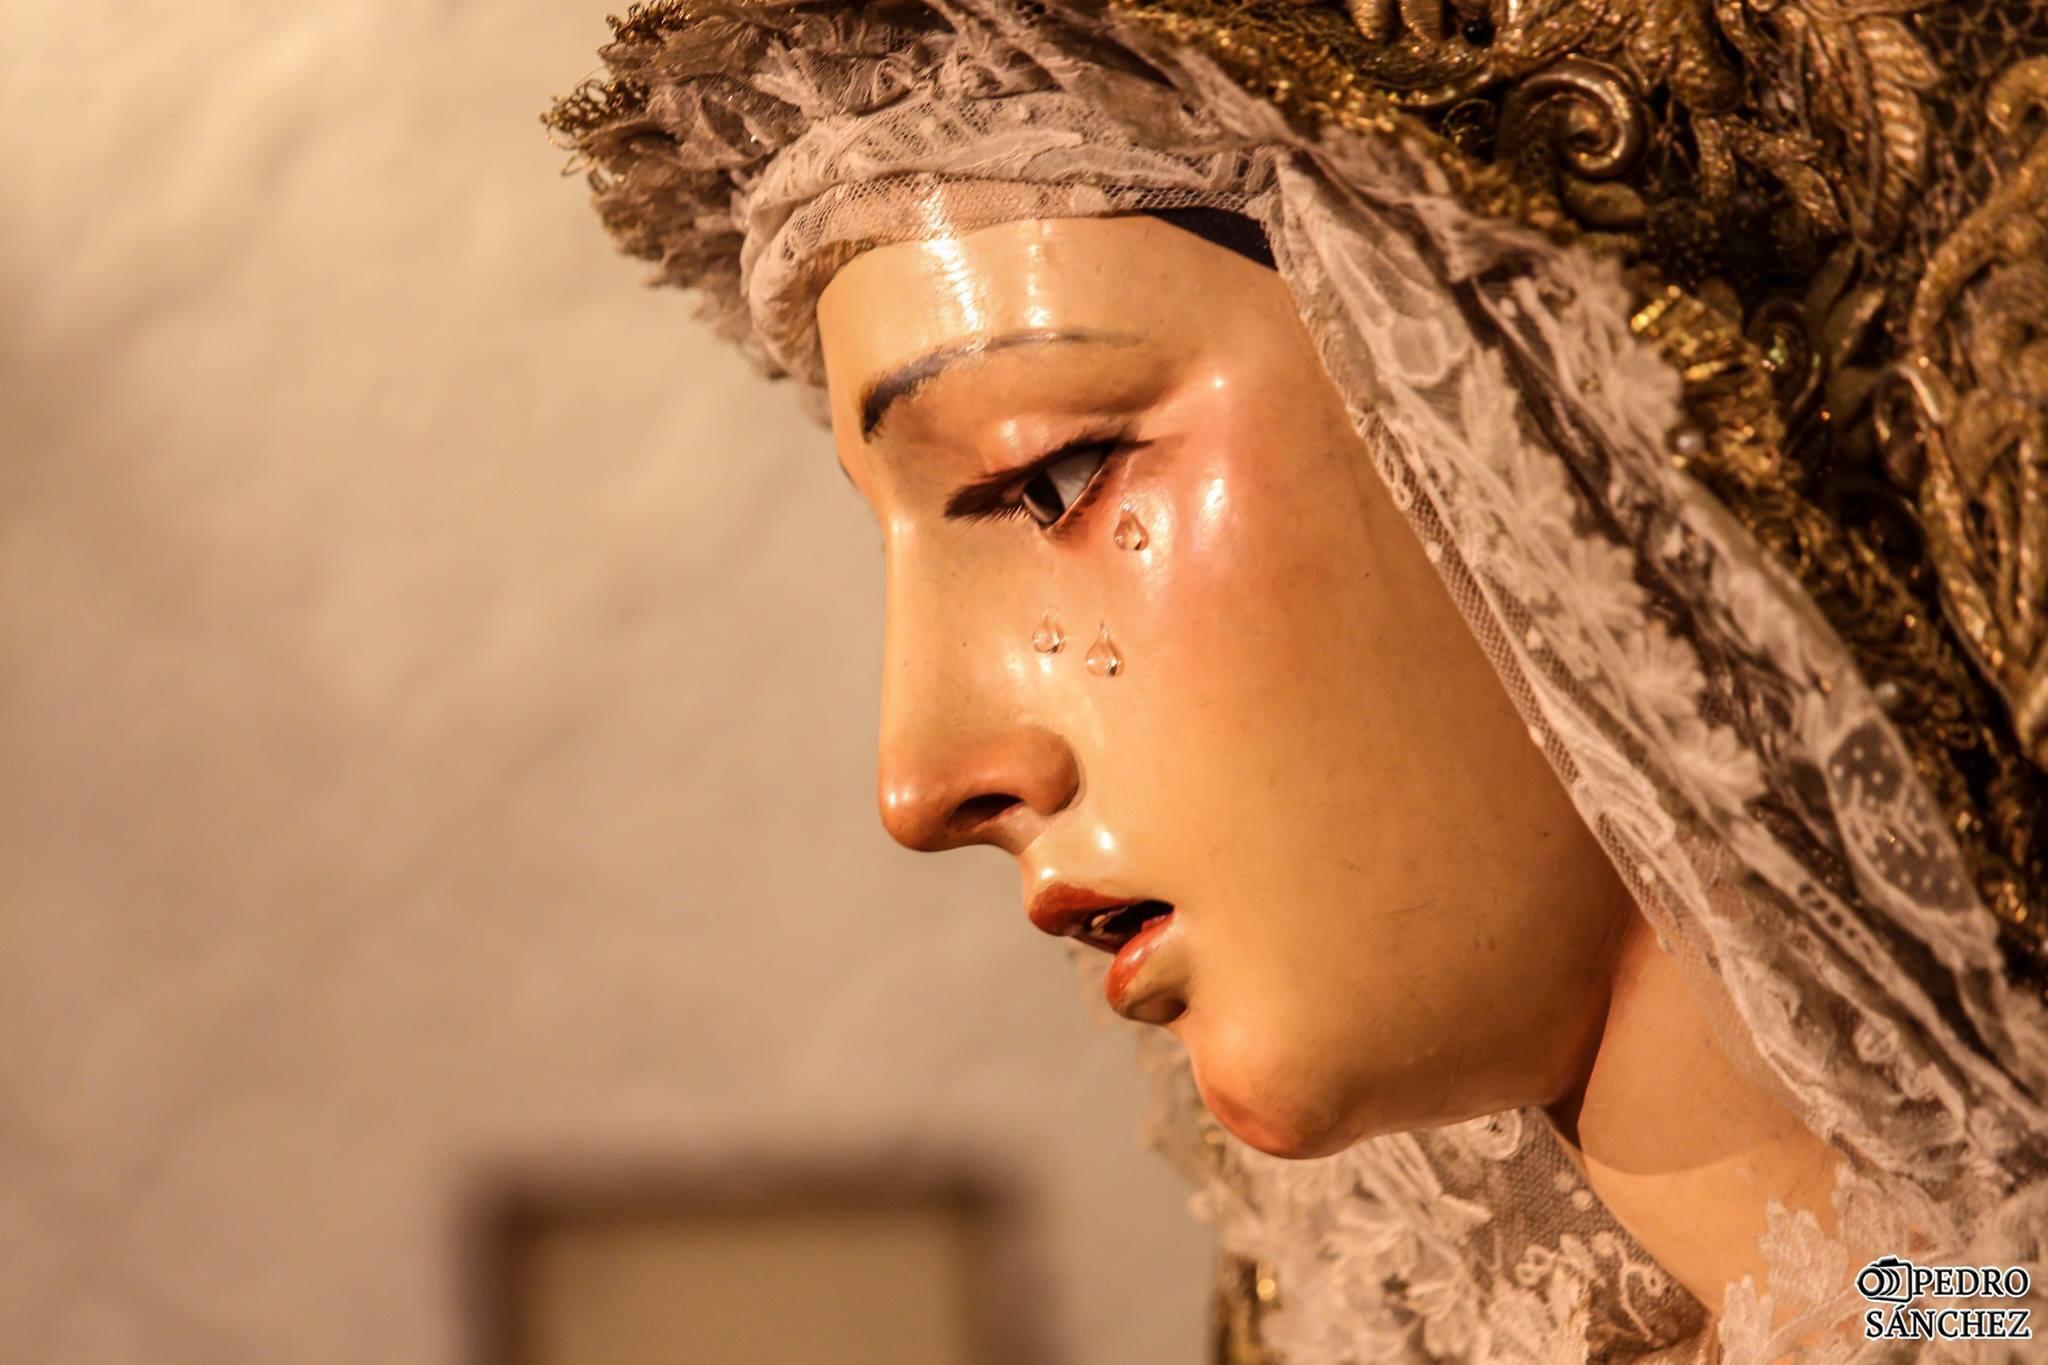 La Oliva en la Exaltación a Ntra. Sra. de la Esperanza